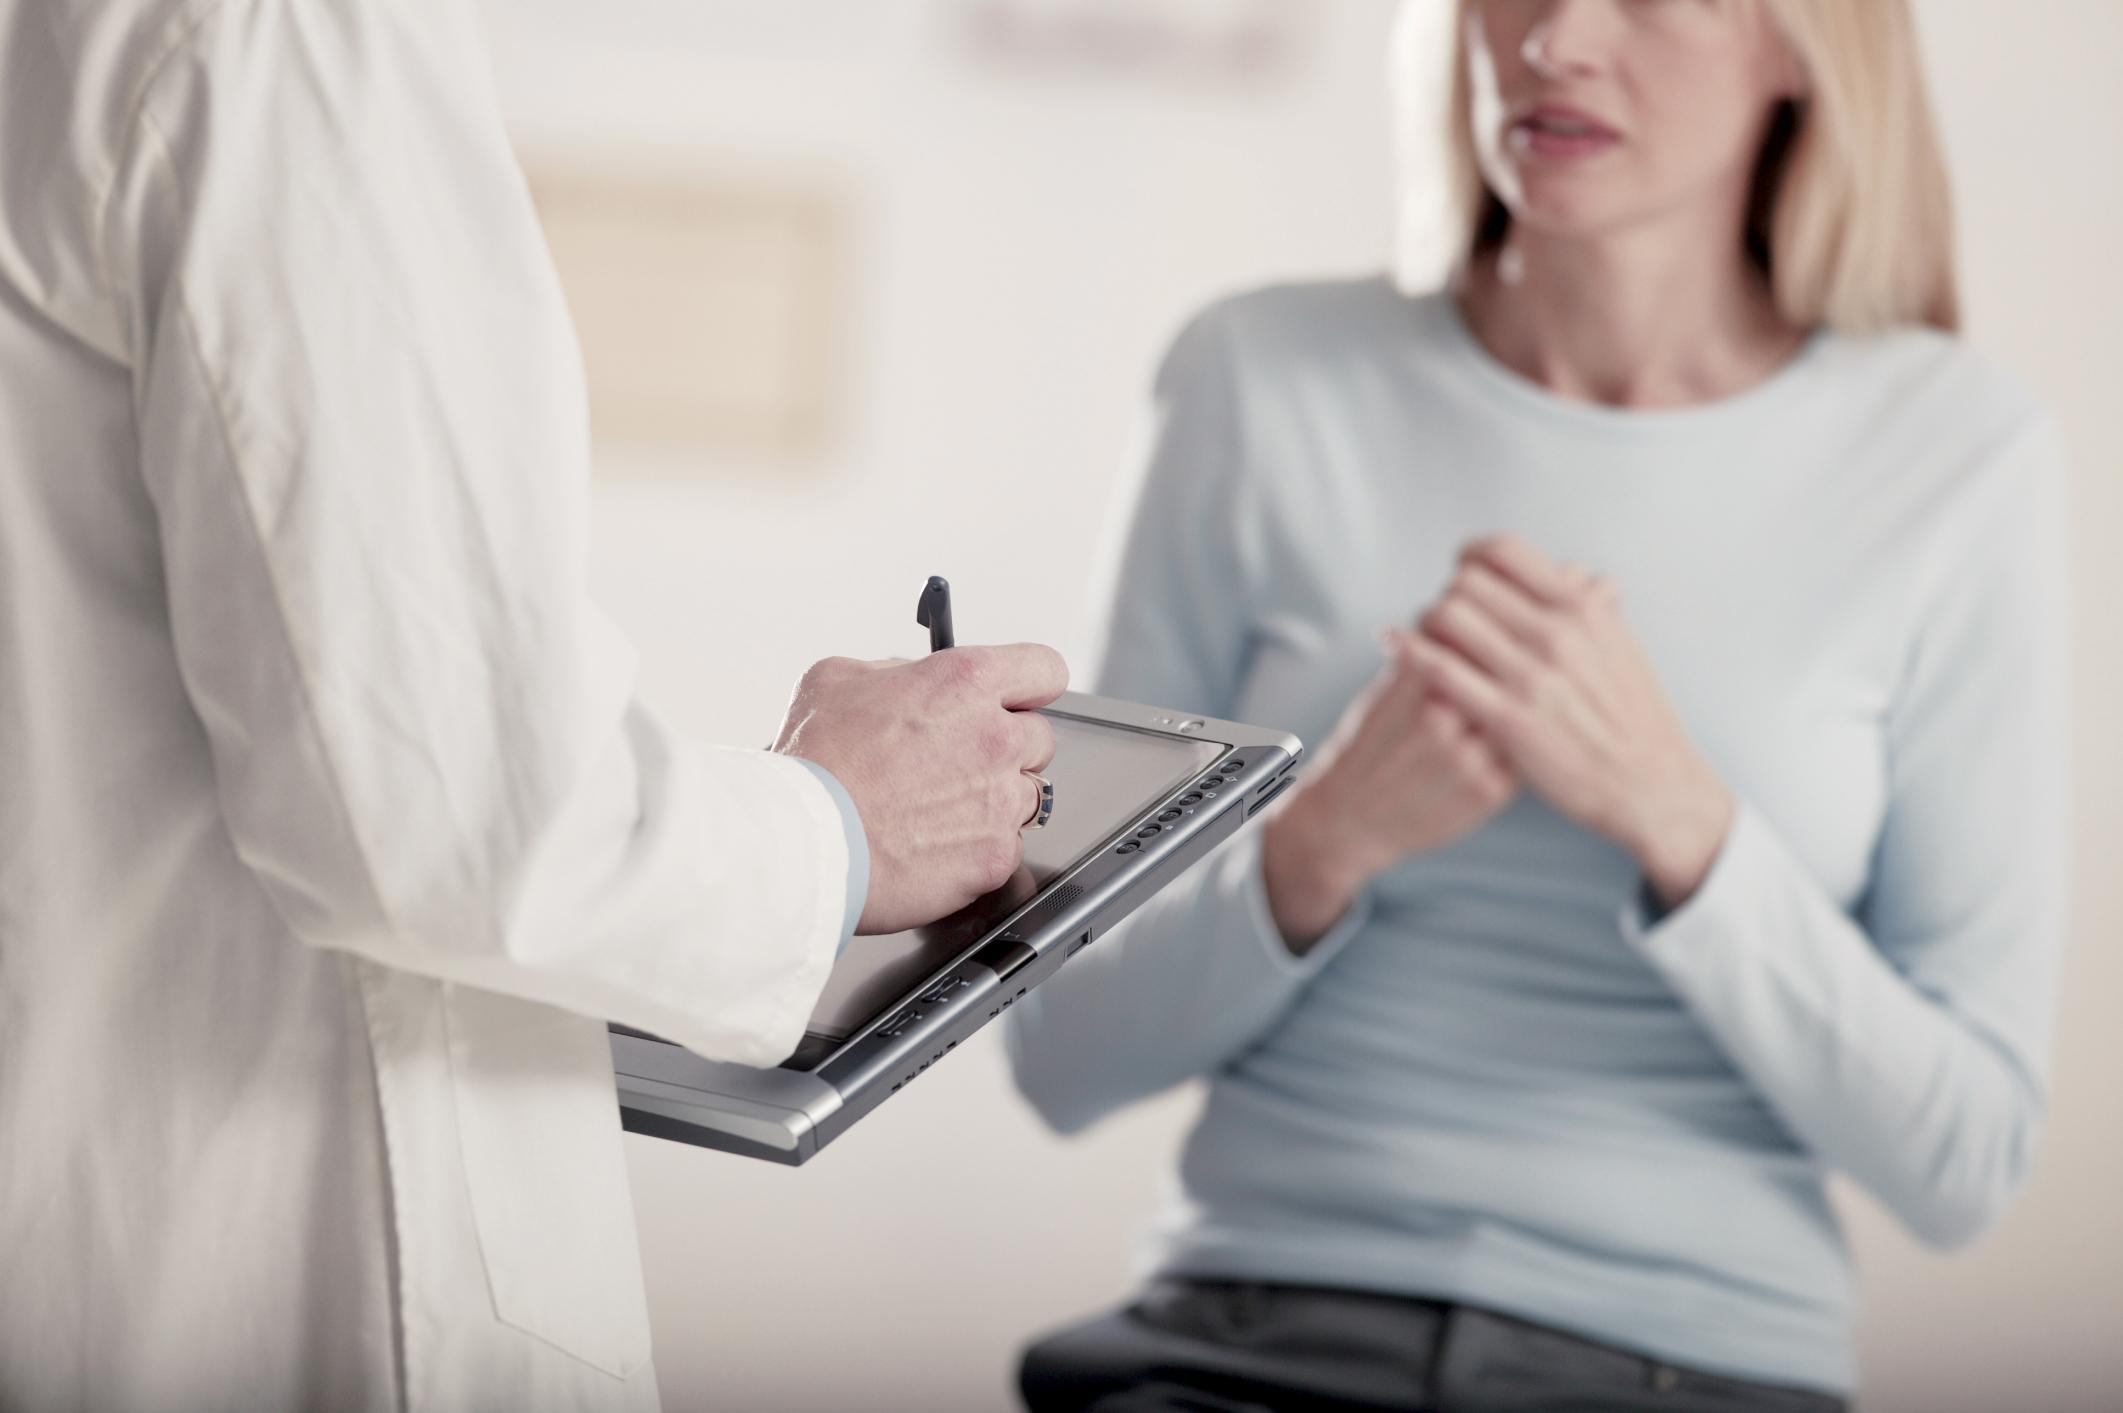 Эрозия шейки матки: фото, причины, симптомы, лечение